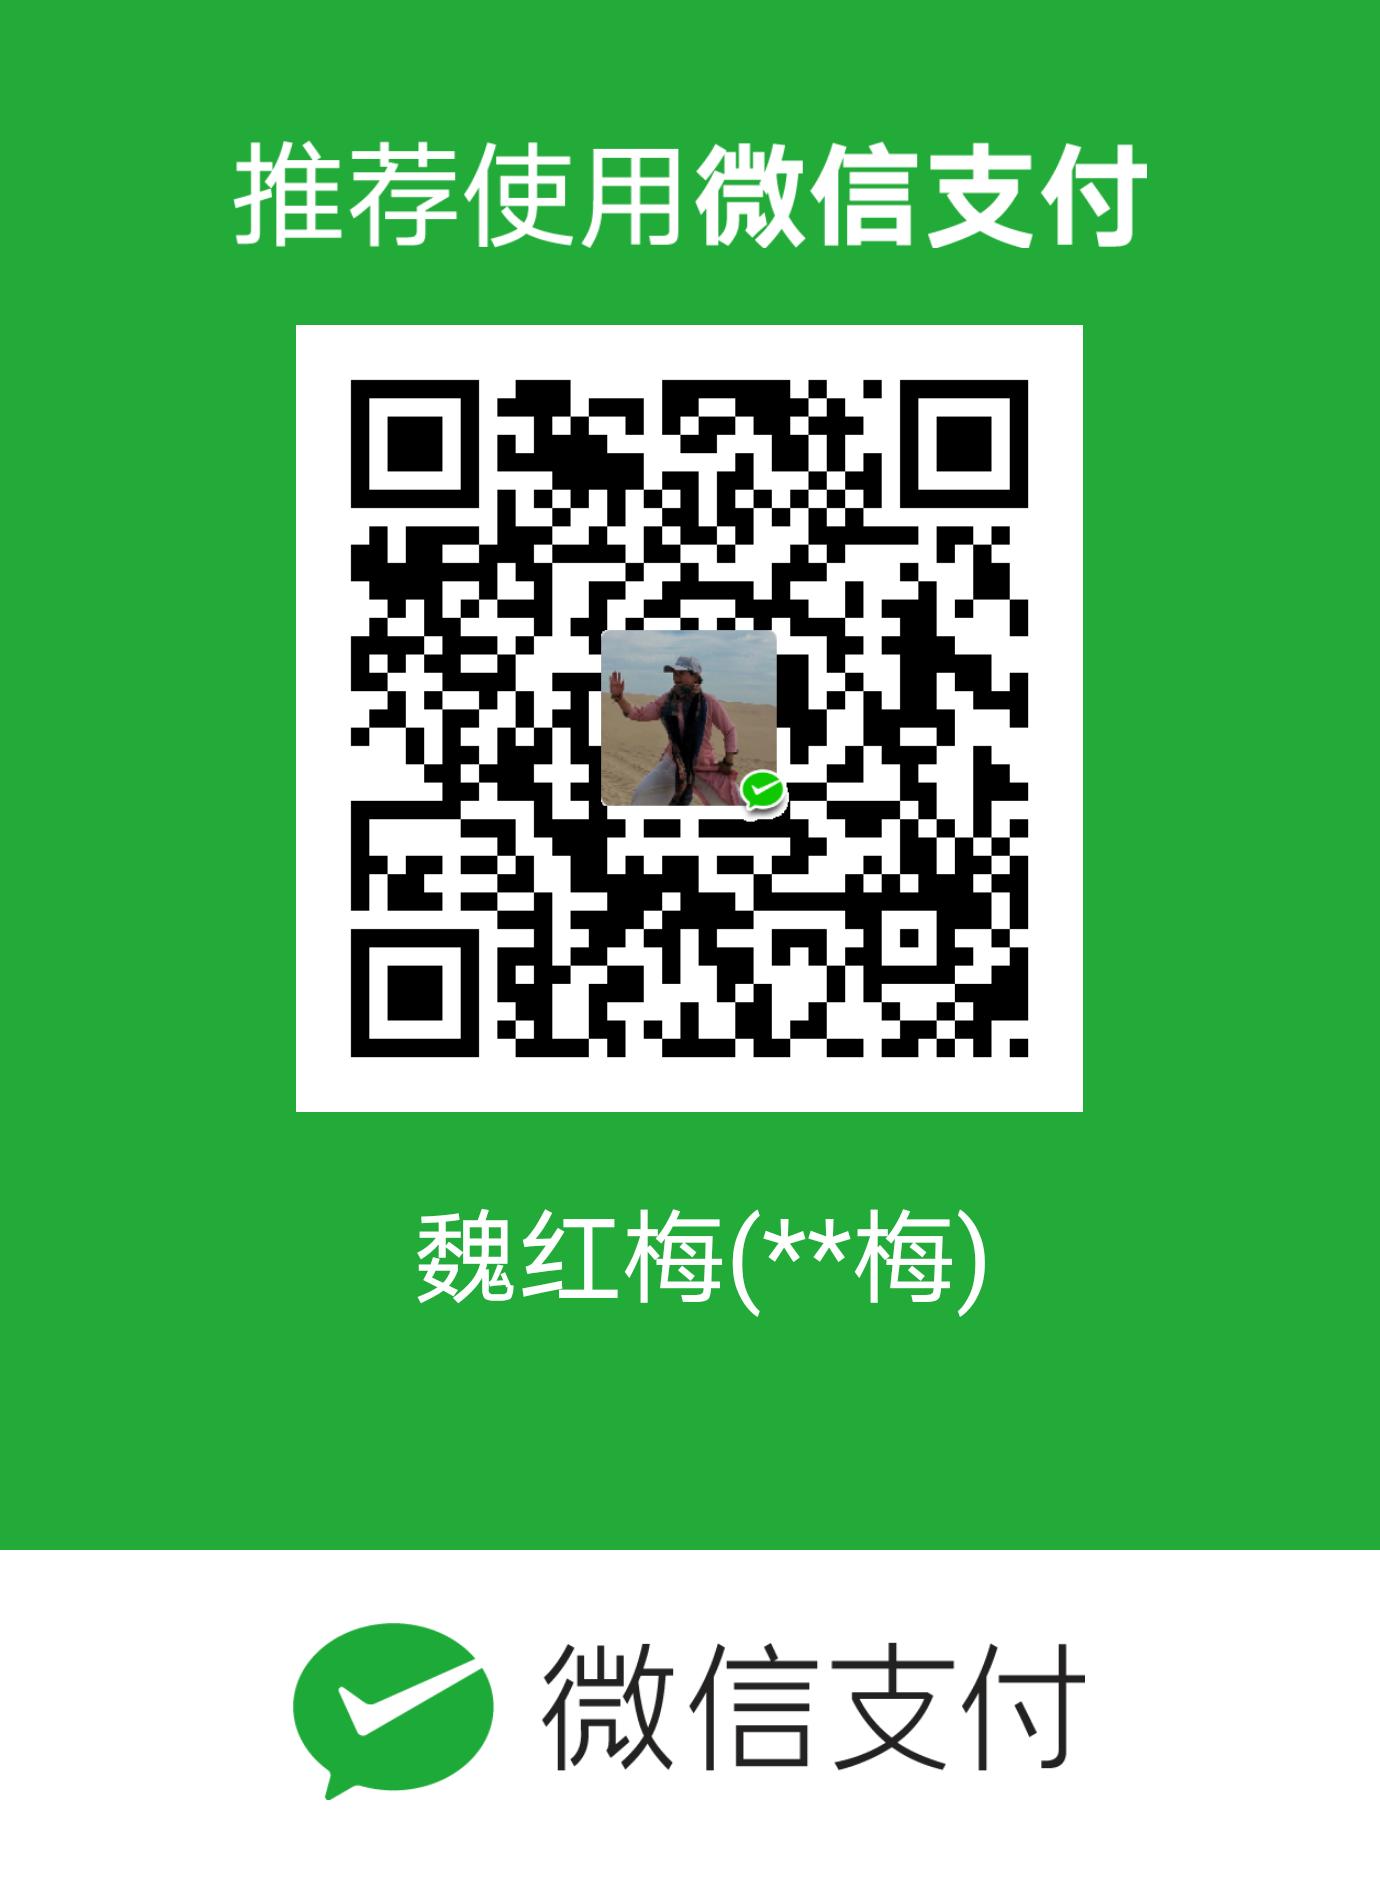 微信图片_20210726145851.png